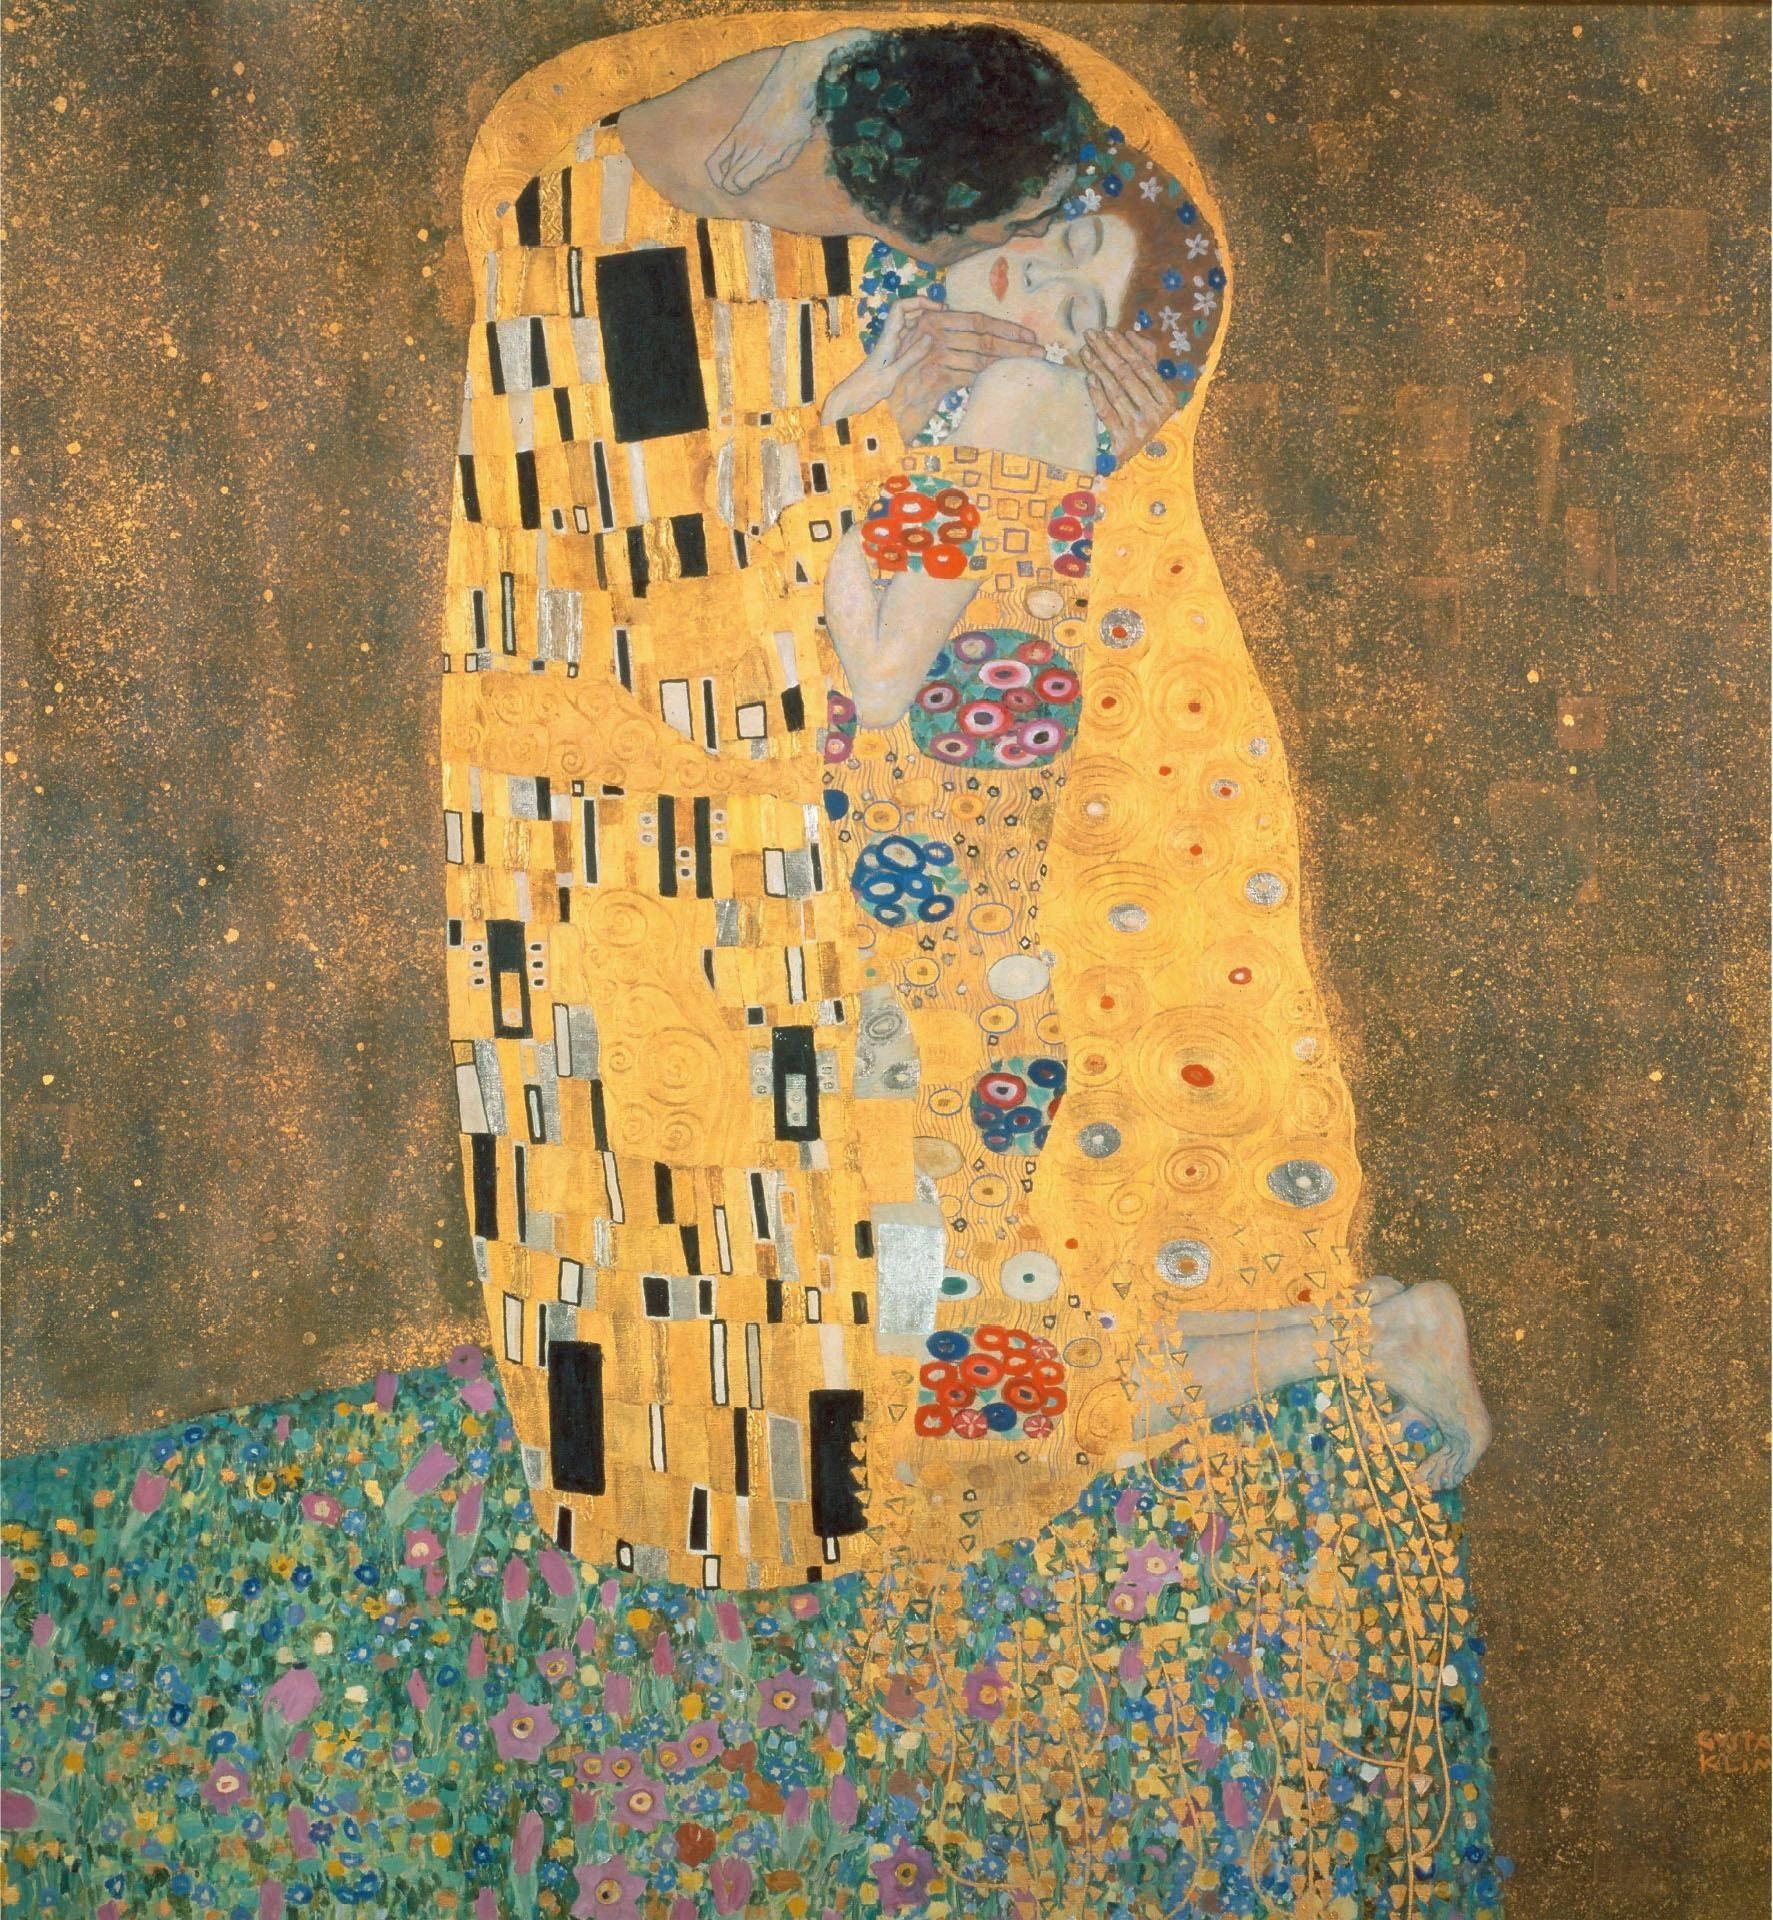 Fototapete »Klimt - Der Kuss« 240/260 cm